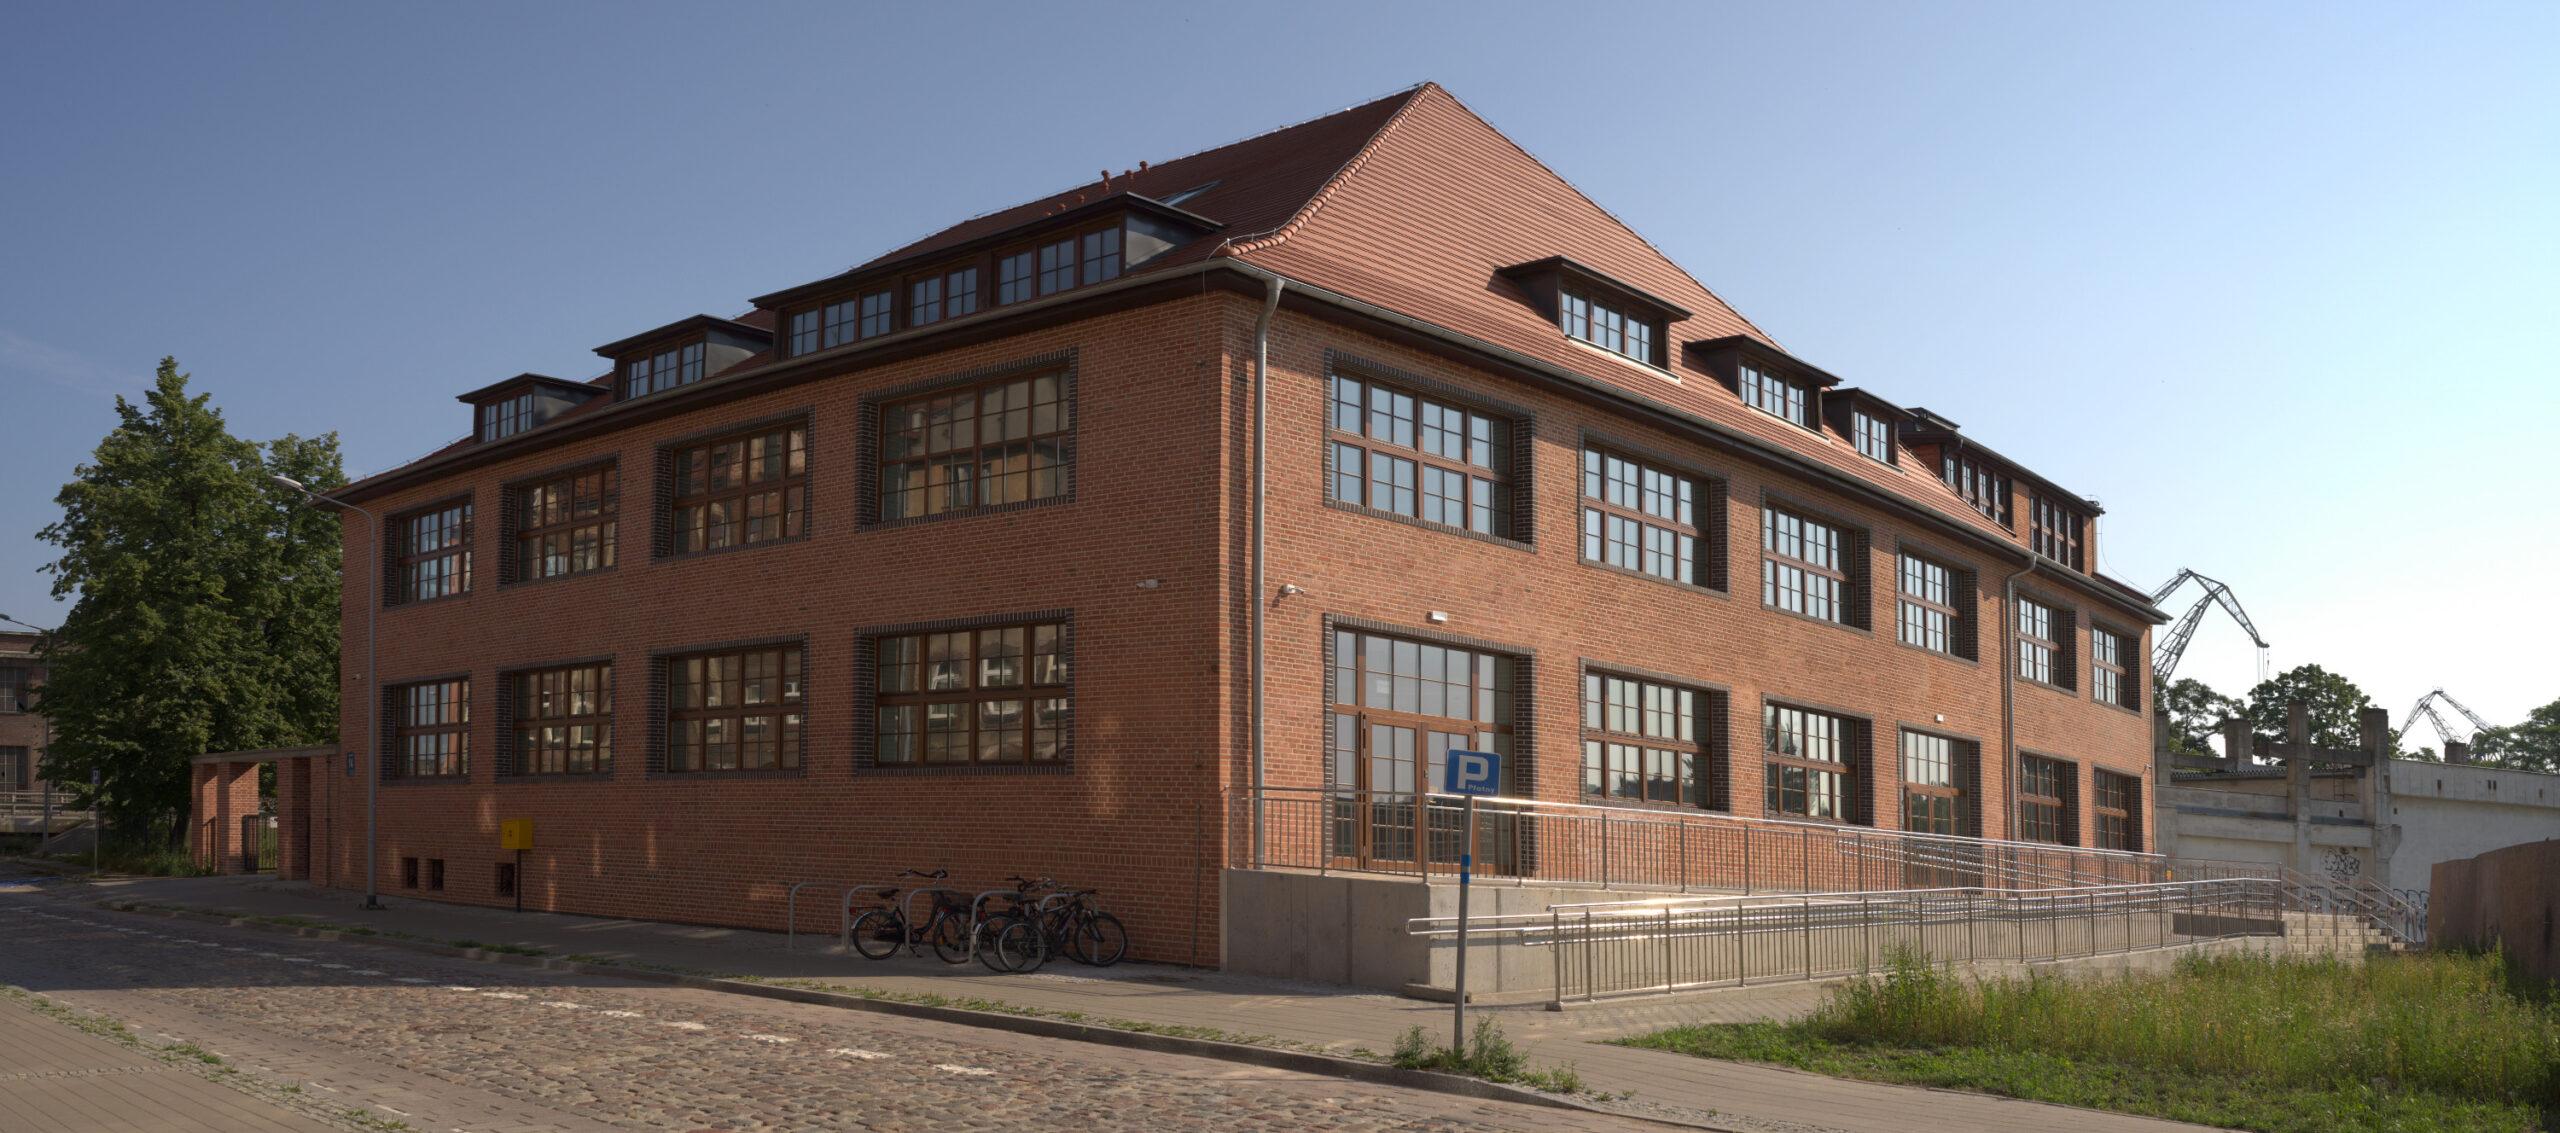 Nowy dom dla trójmiejskiej sztuki. Startuje muzeum wMłodym Mieście